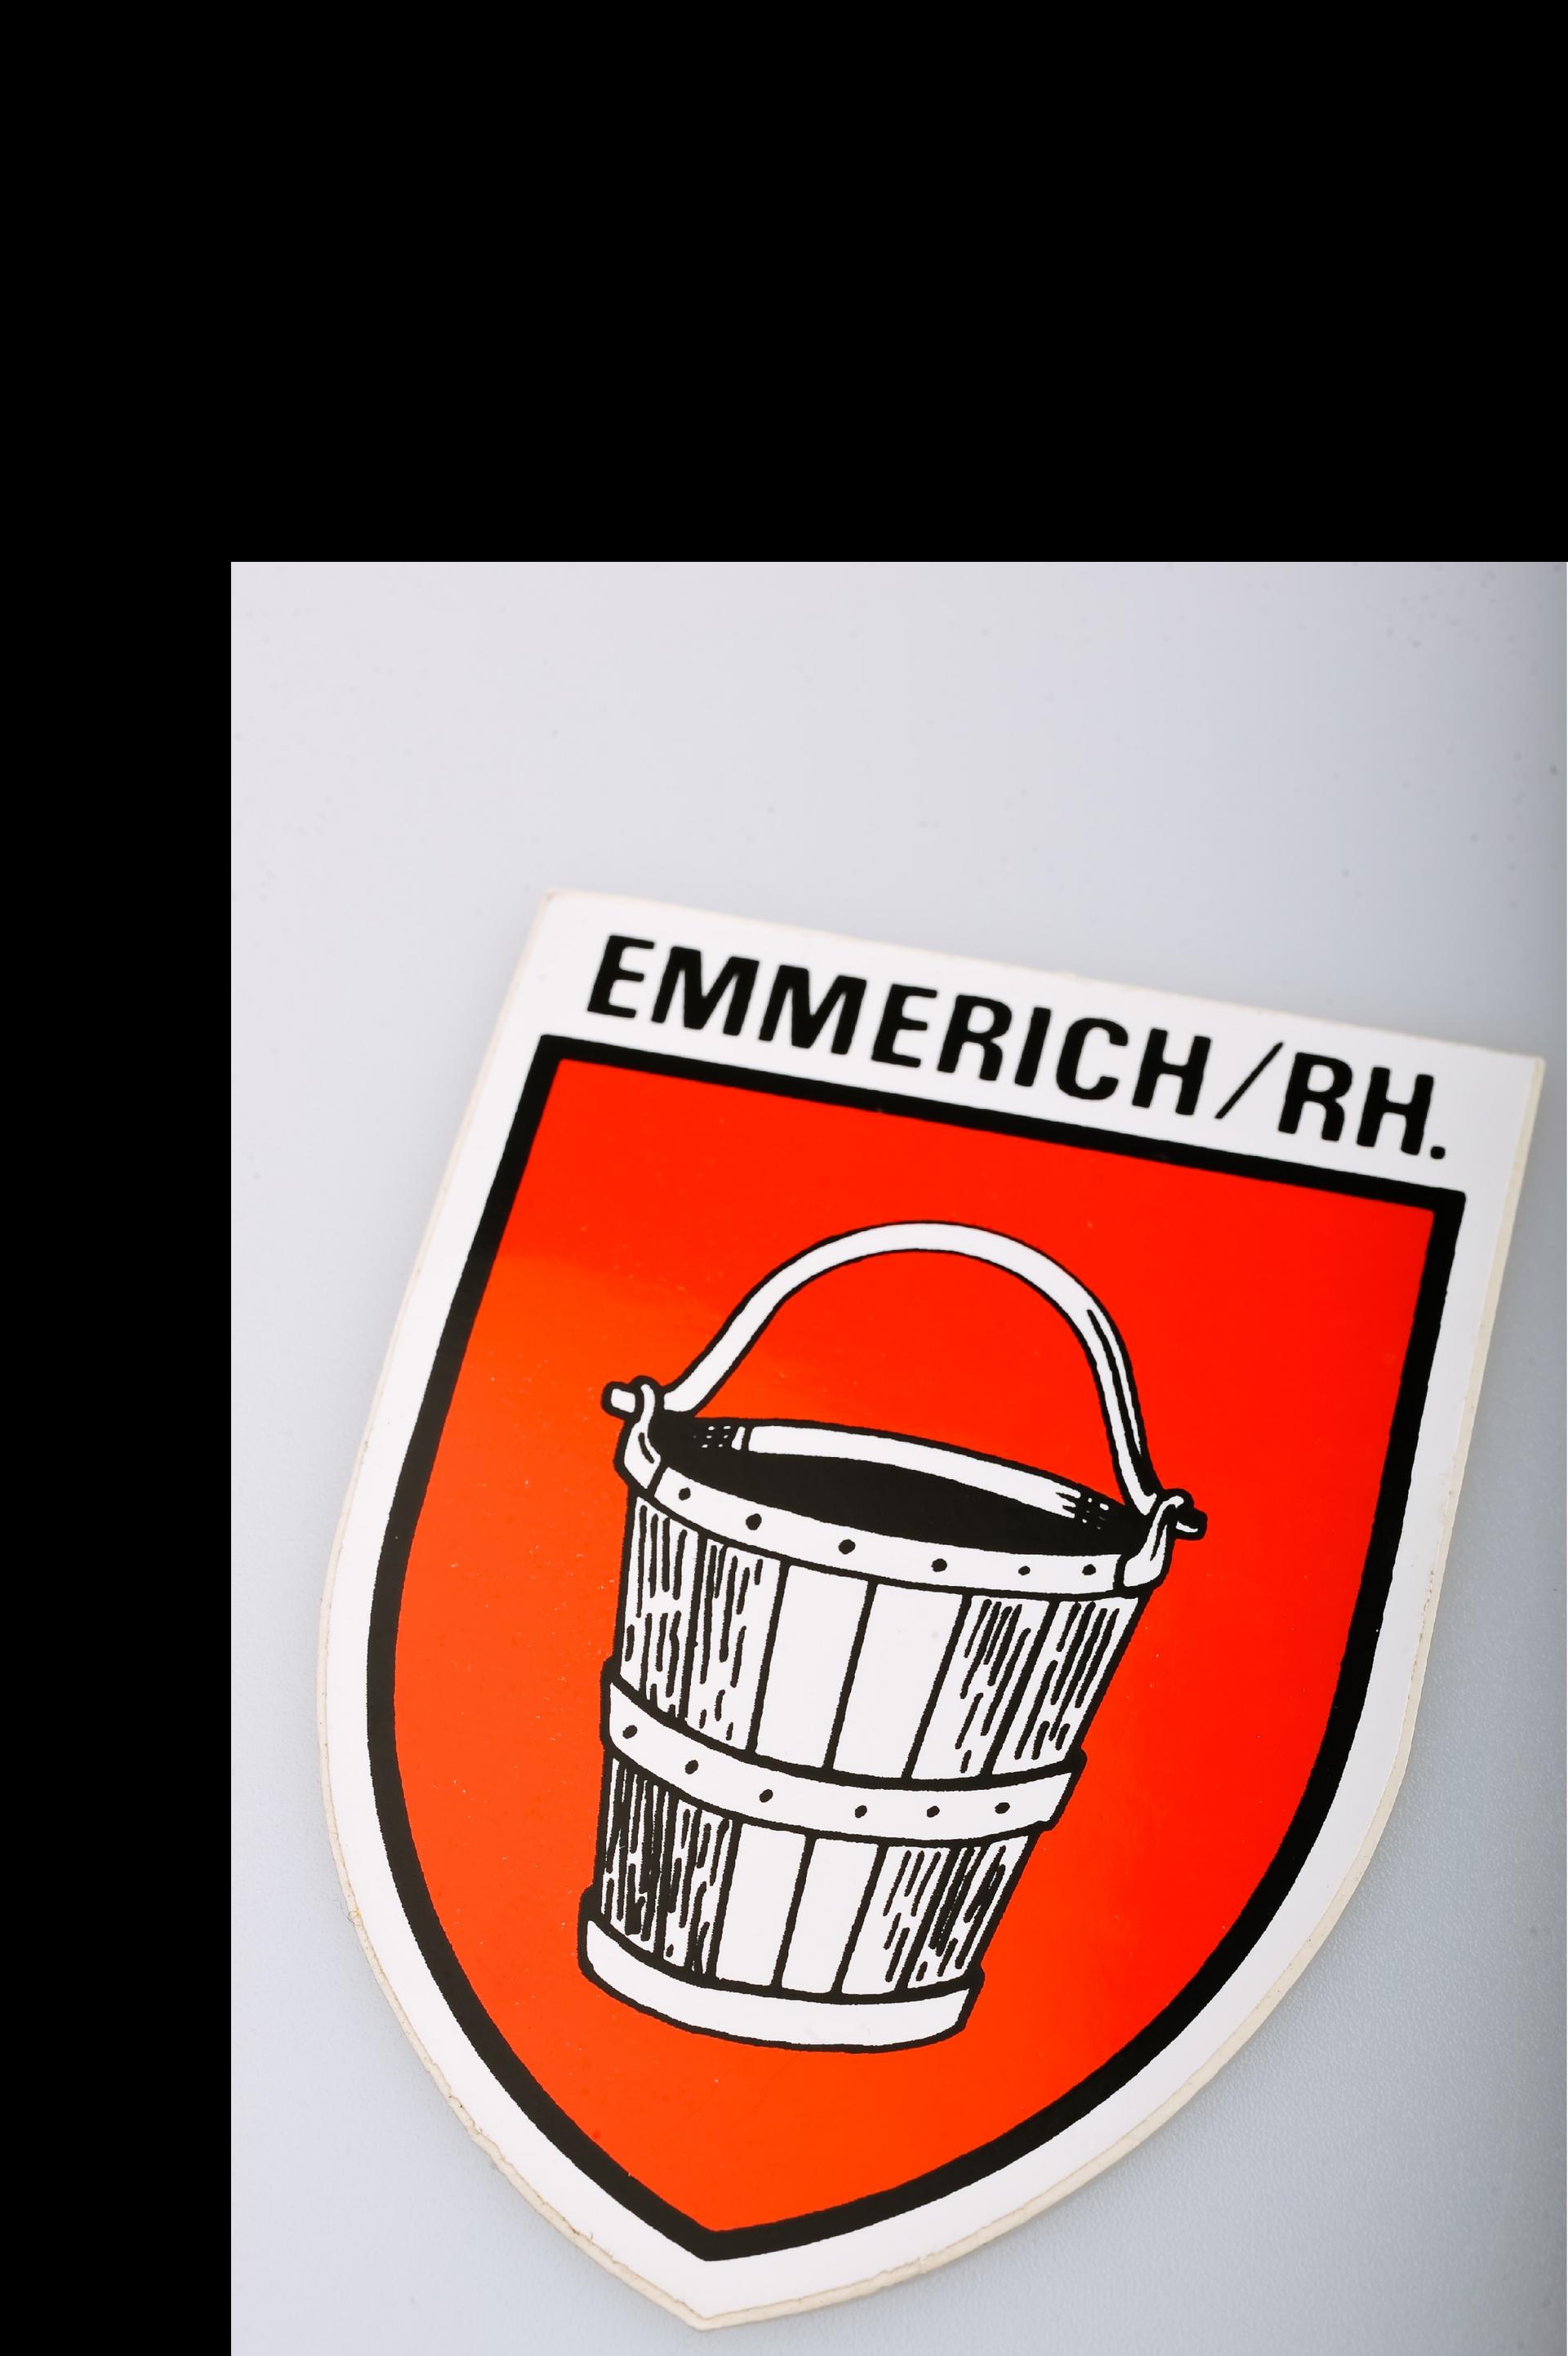 Emmerich am Rhein Shop | Emmerich am Rhein